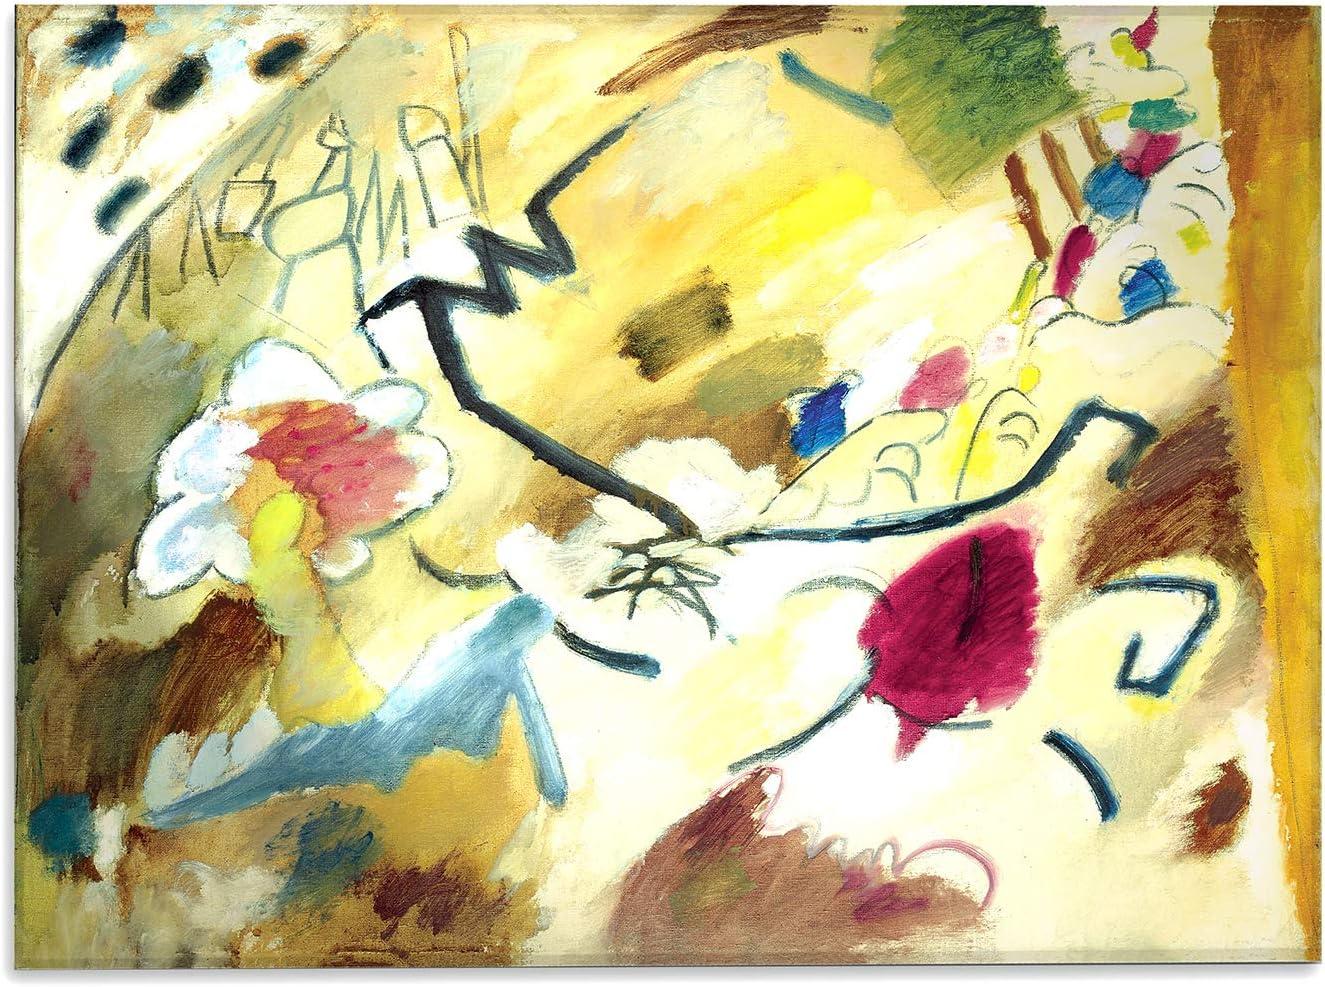 Giallobus - Cuadro - Kandinsky - Improvisación con Caballos - Impresión sobre Vidrio acrílico de plexiglás - Listo para Colgar - Varios tamaños - 140X100 cm